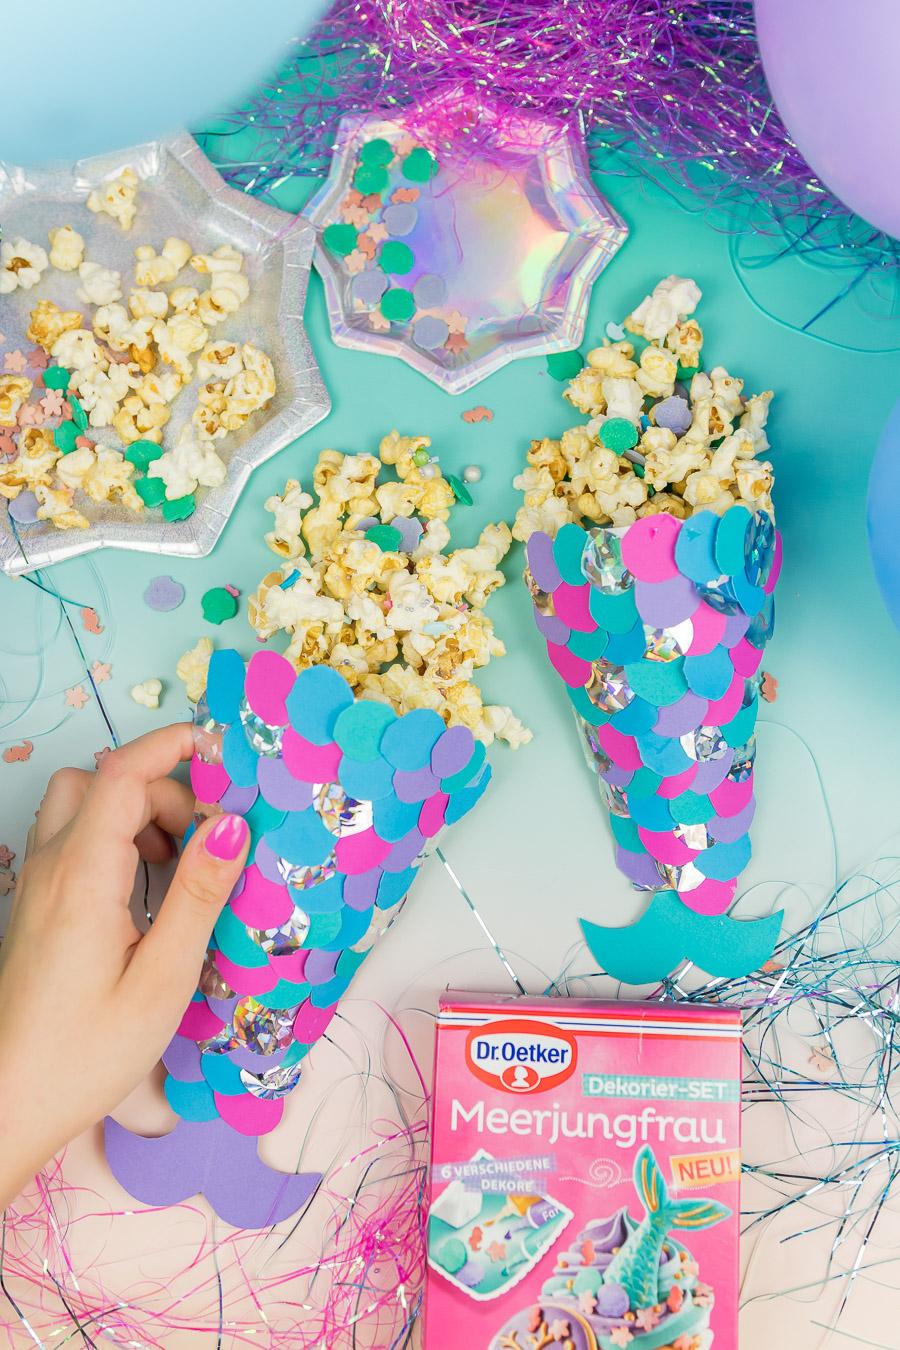 Meerjungfrauen Party Diy Ideen Popcorntuten Selber Machen